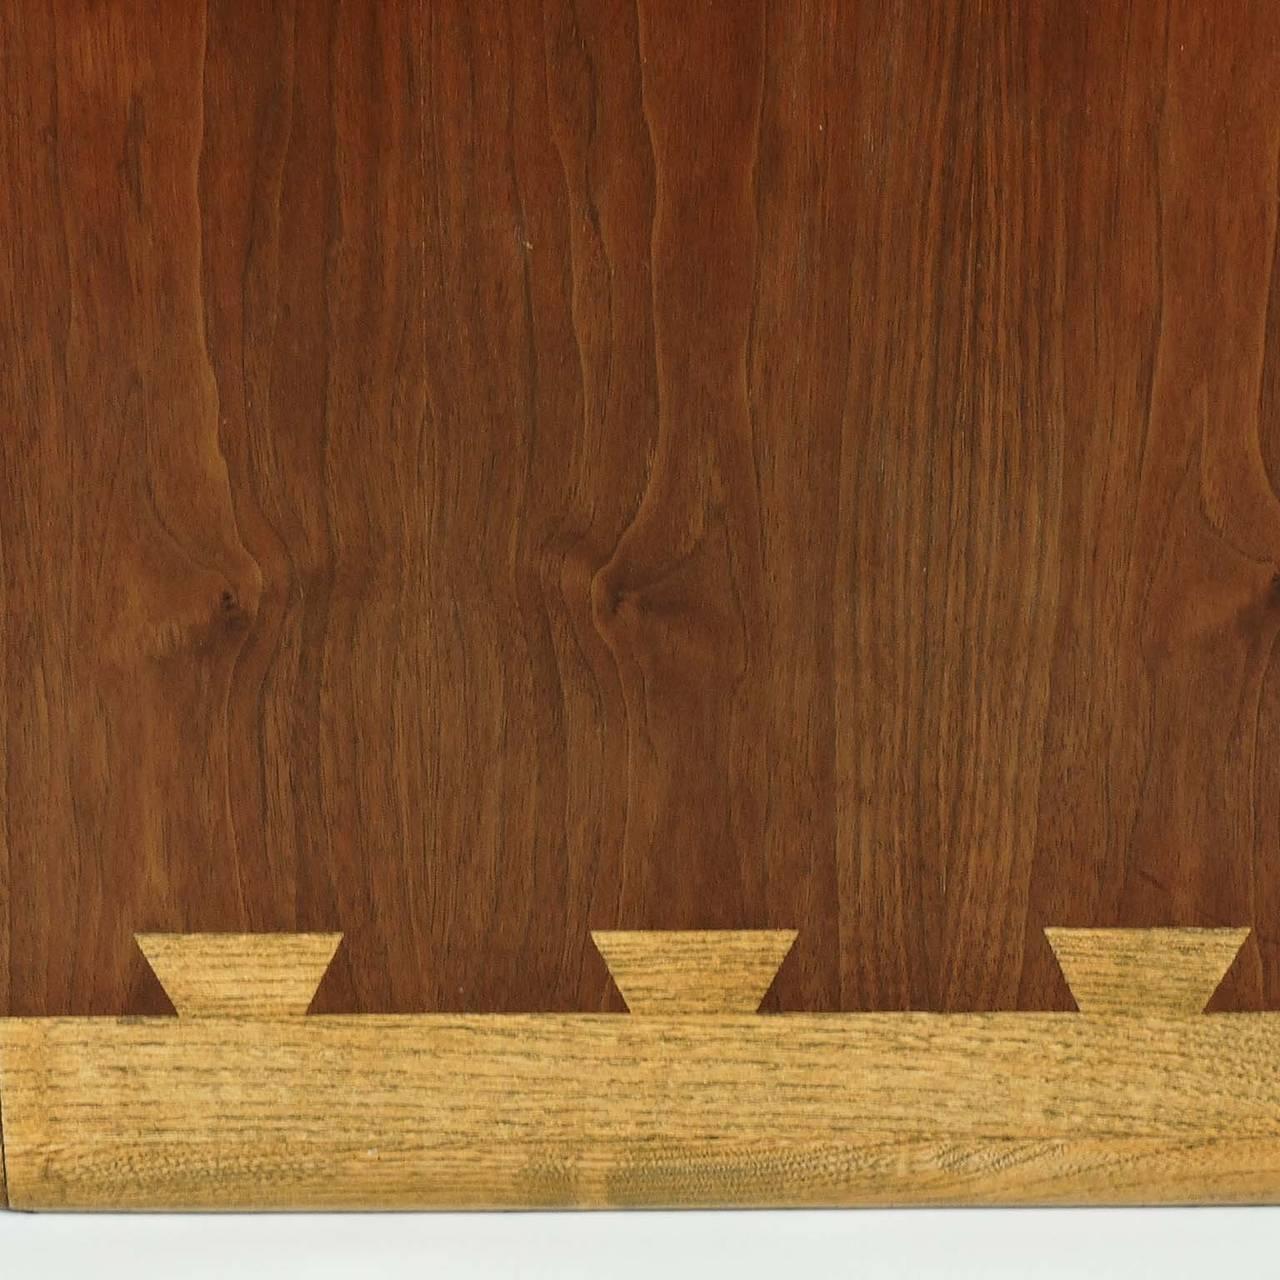 Lane Acclaim Series Coffee Table: Mid-Century Modern Lane Acclaim Series Dovetail Coffee